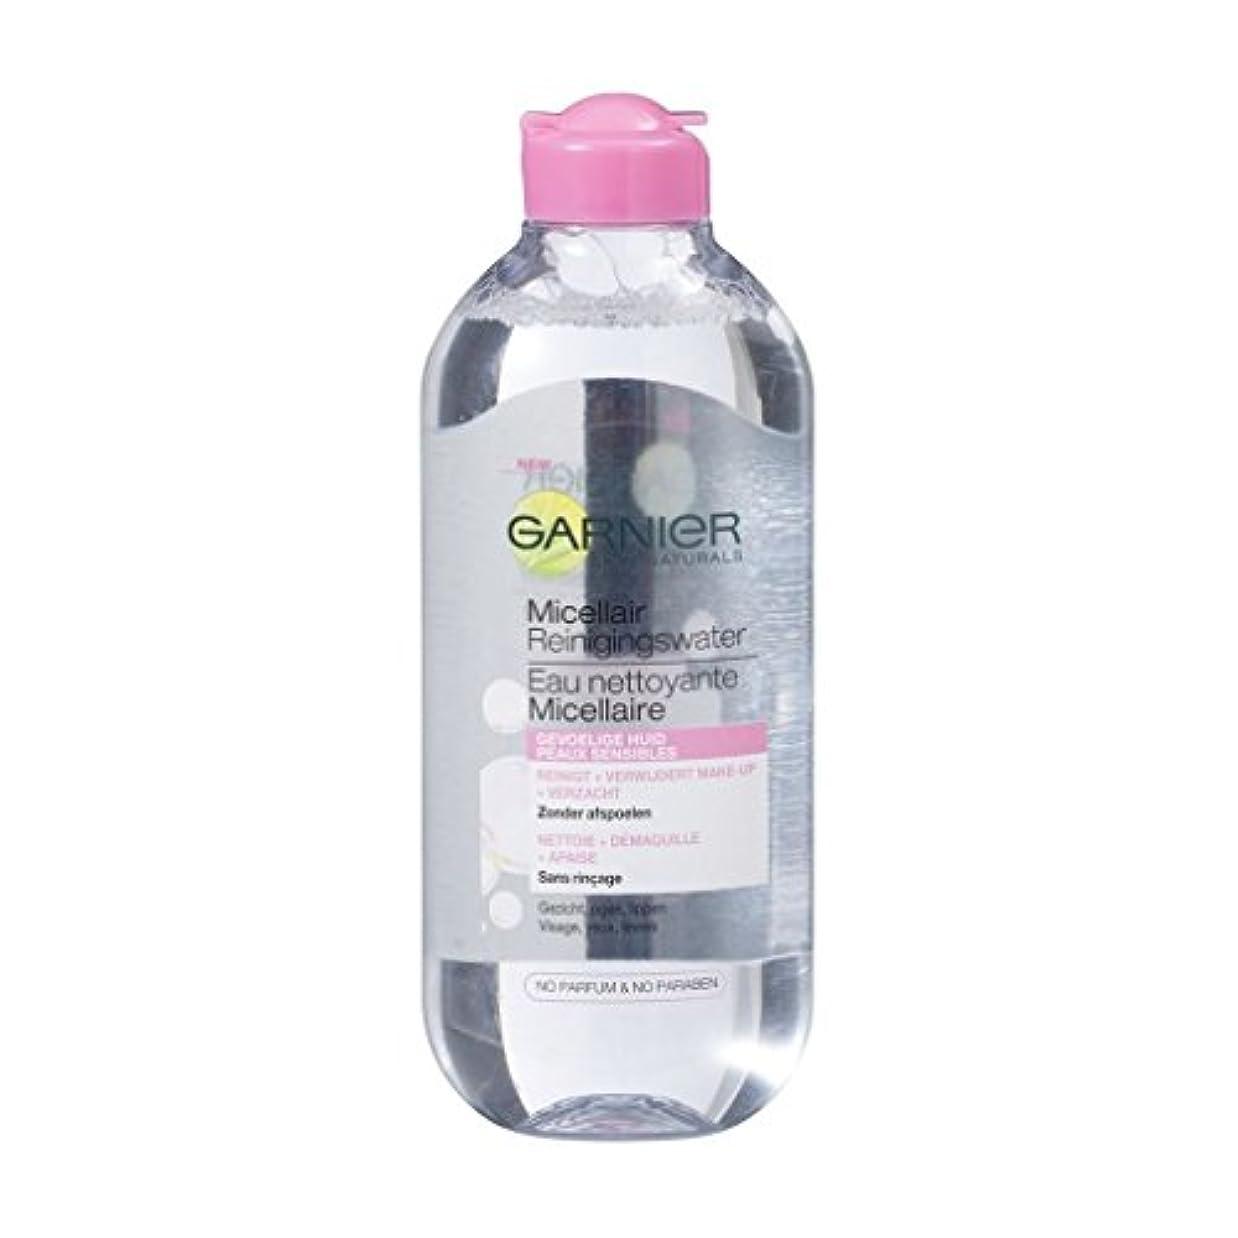 とても流行している葉ガルニエ SkinActive Micellar Water (No Perfume & Paraben) - For Sensitive Skin 400ml/13.3oz並行輸入品